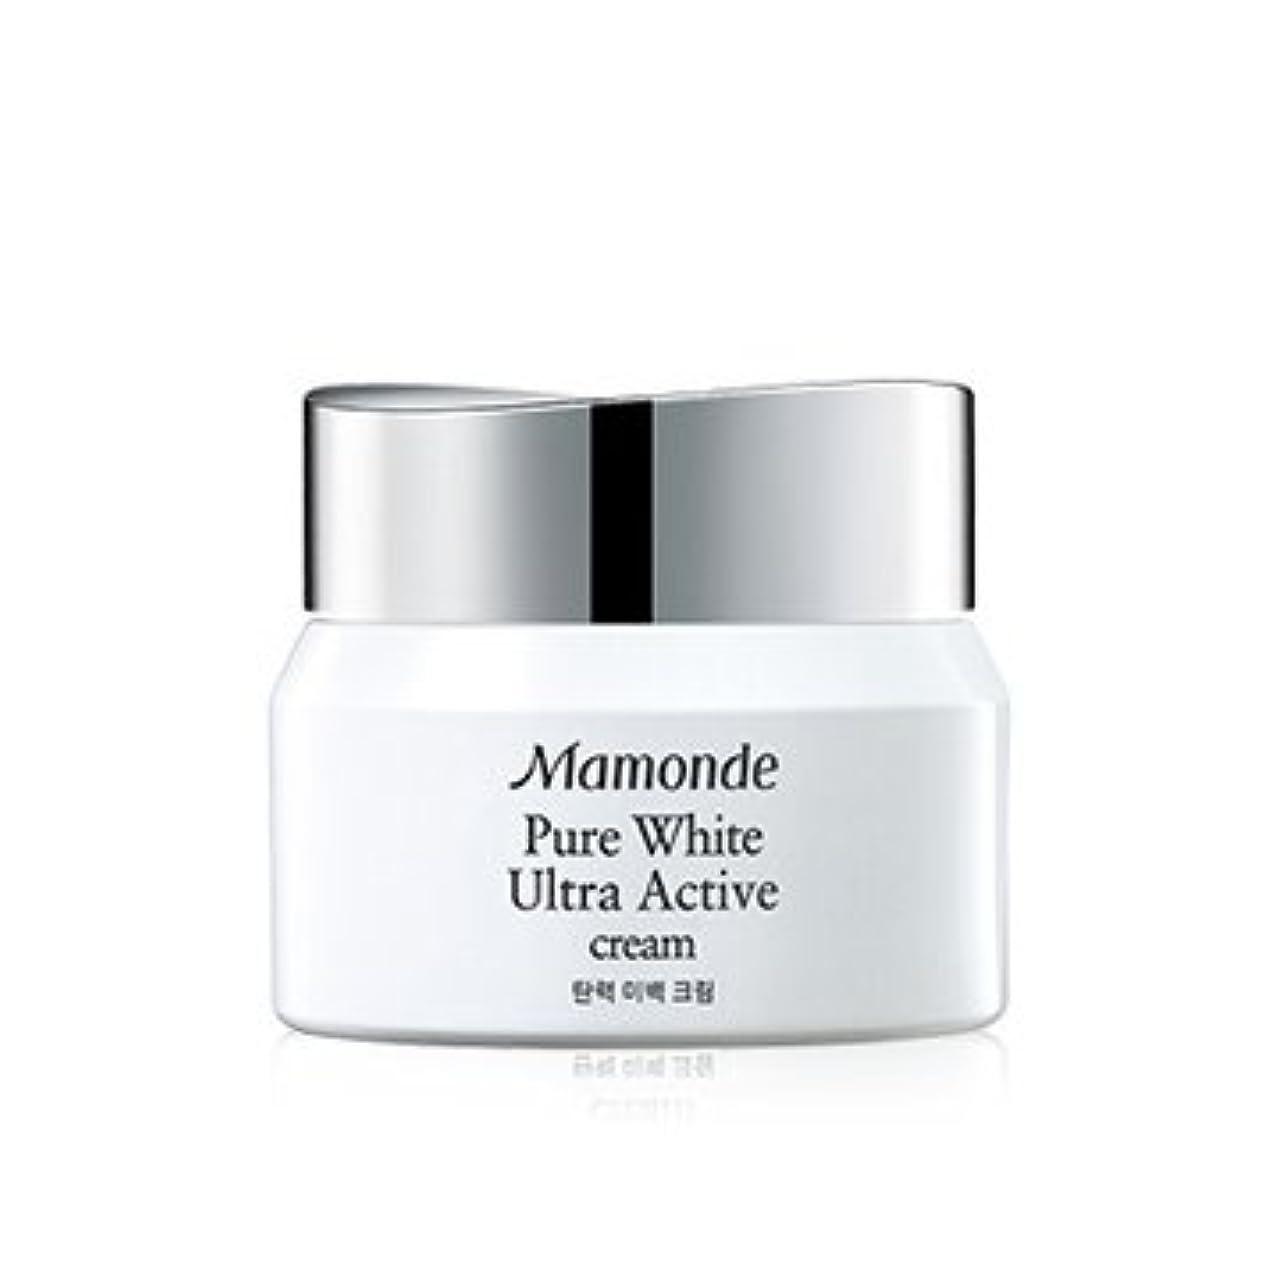 過剰エミュレーション同盟Mamonde Pure White Ultra Active Cream 50ml/マモンド ピュア ホワイト ウルトラ アクティブ クリーム 50ml [並行輸入品]